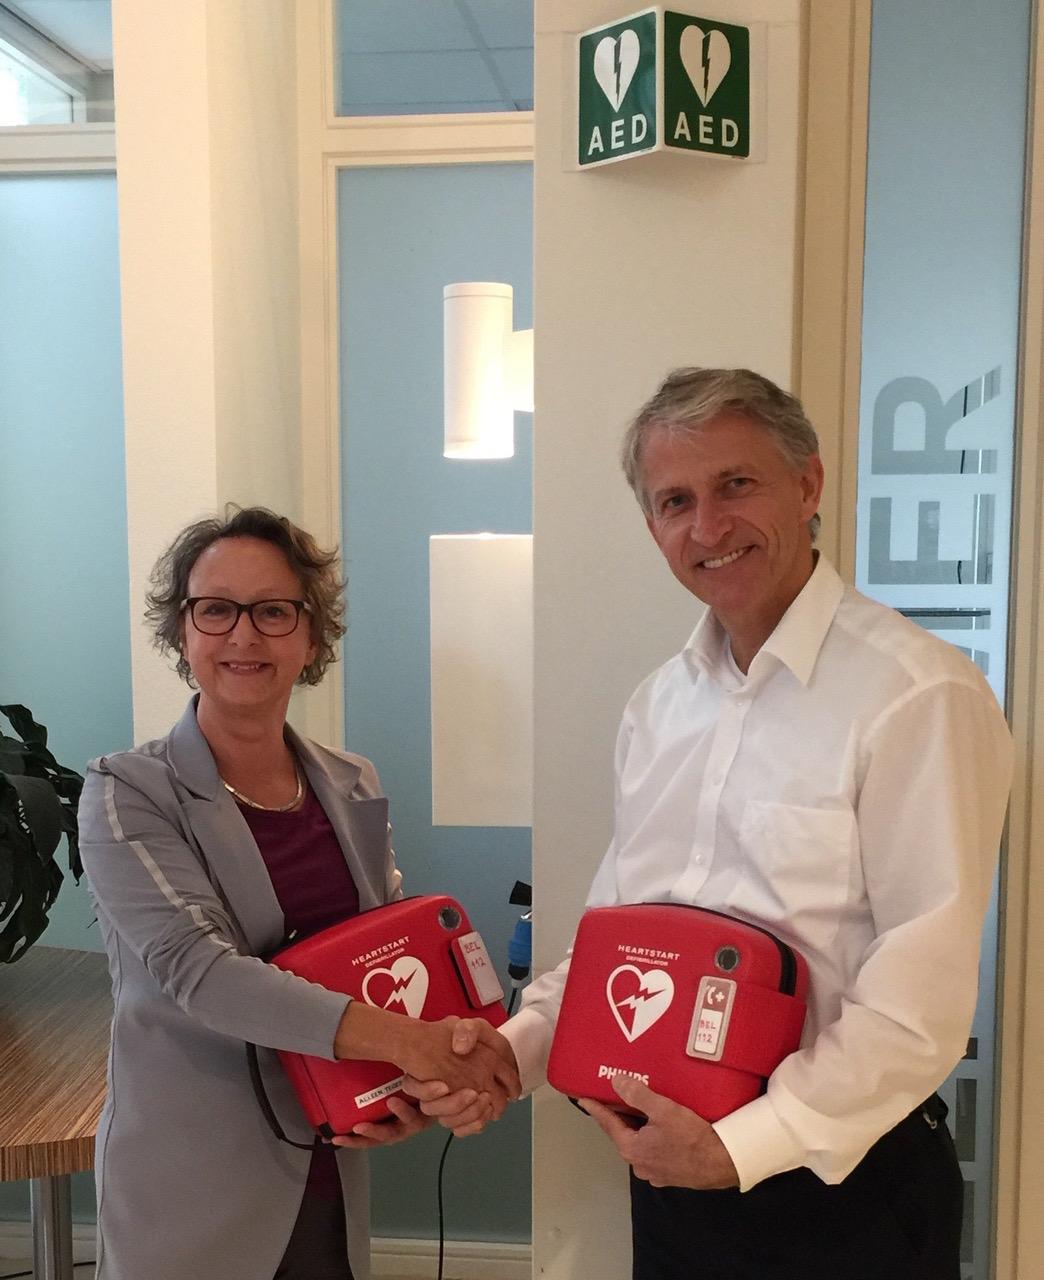 Weer twee AED's voor onze gemeente!